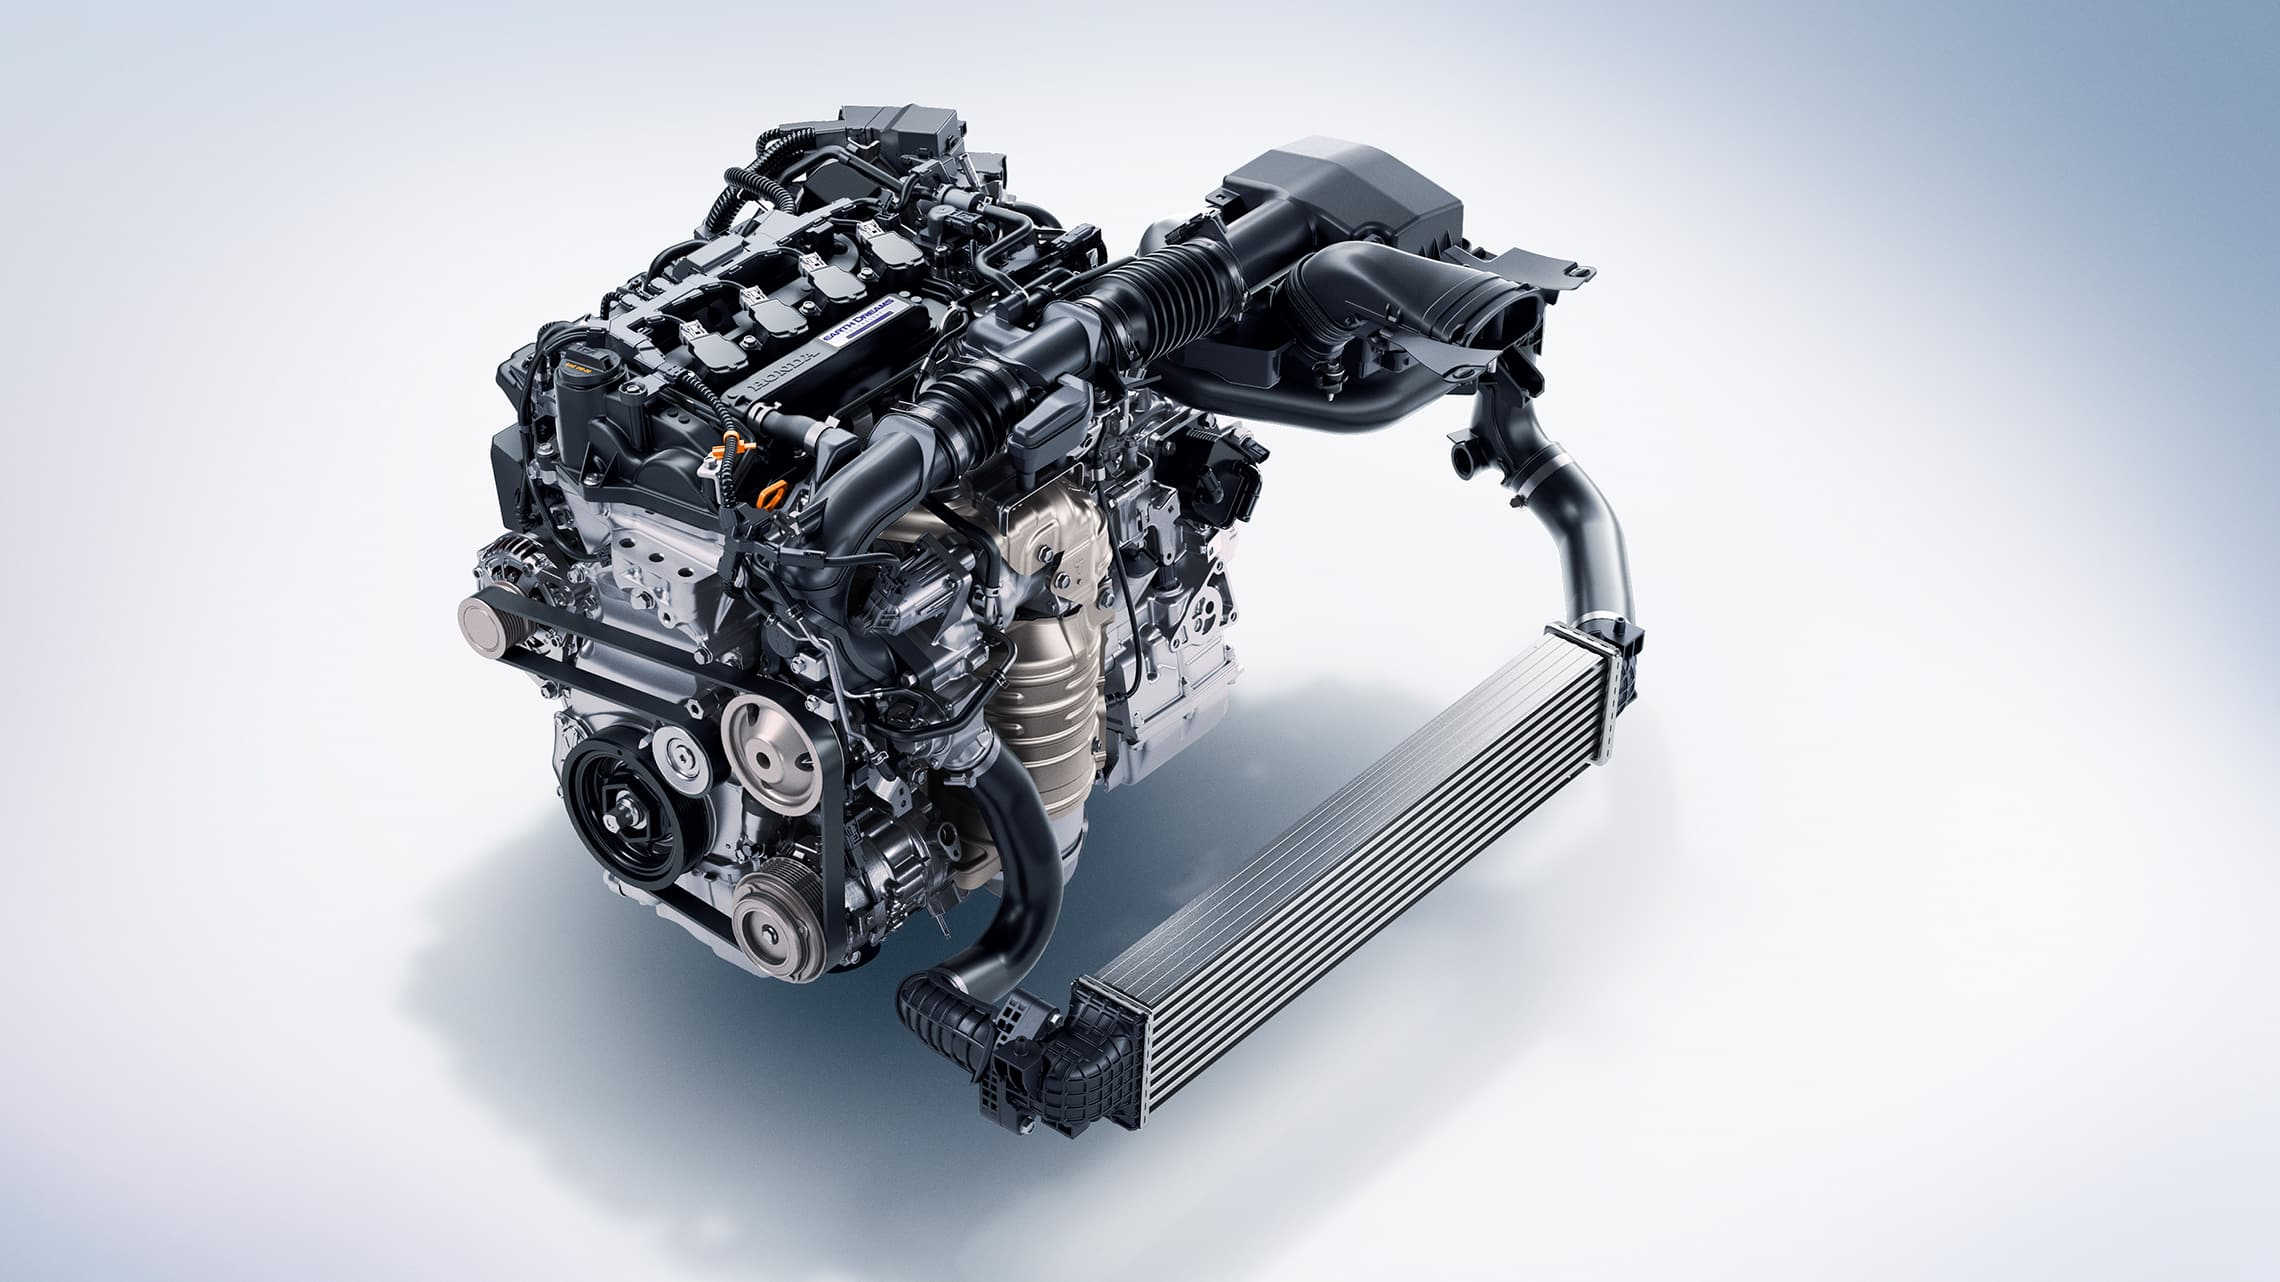 Detalle del motor turboalimentado de 1.5litros en el Honda Accord2020.